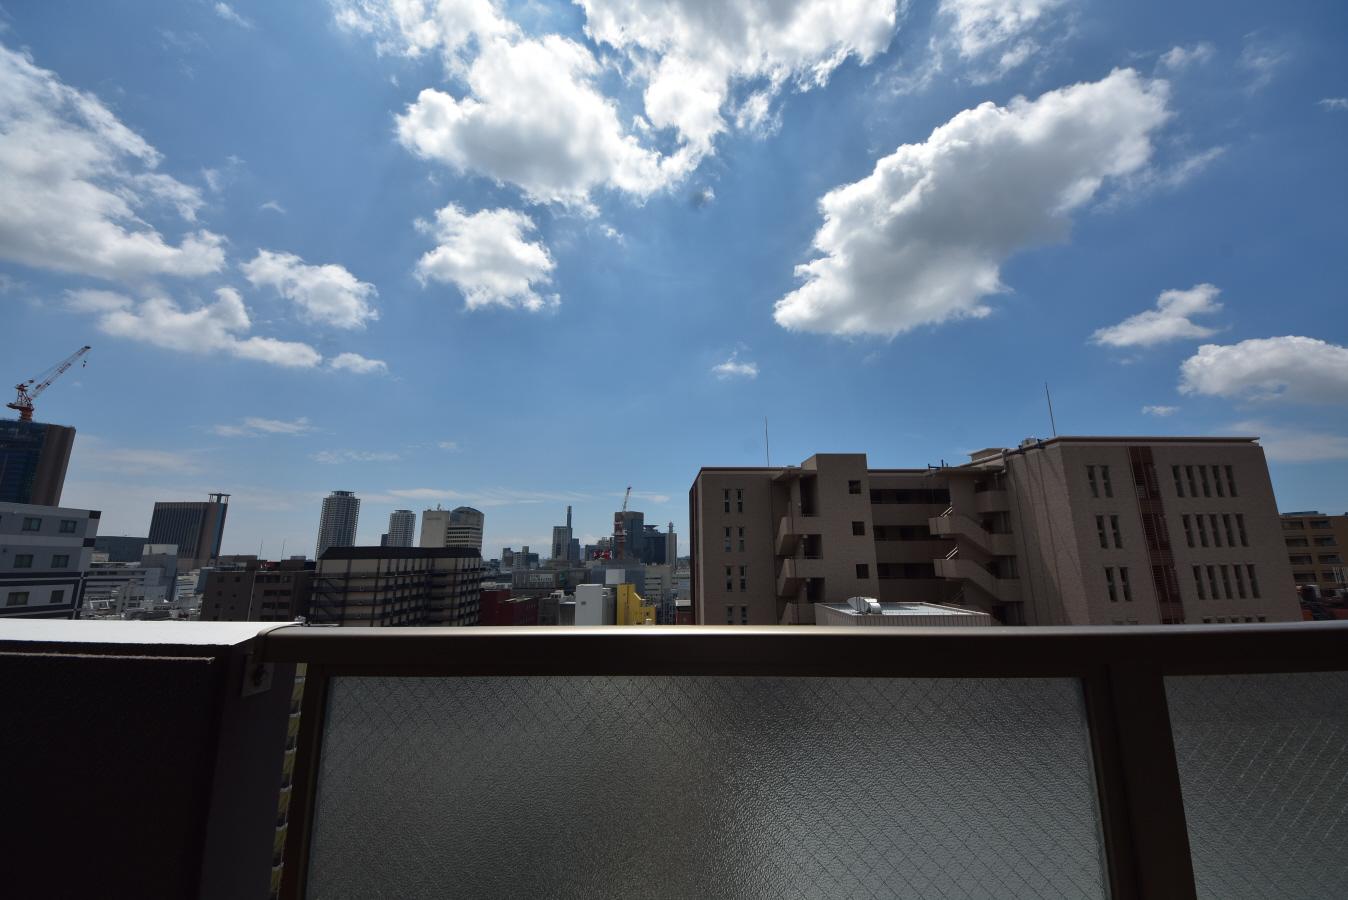 物件番号: 1025884045 ローレル・トアスクエア  神戸市中央区中山手通2丁目 1SLDK マンション 画像31